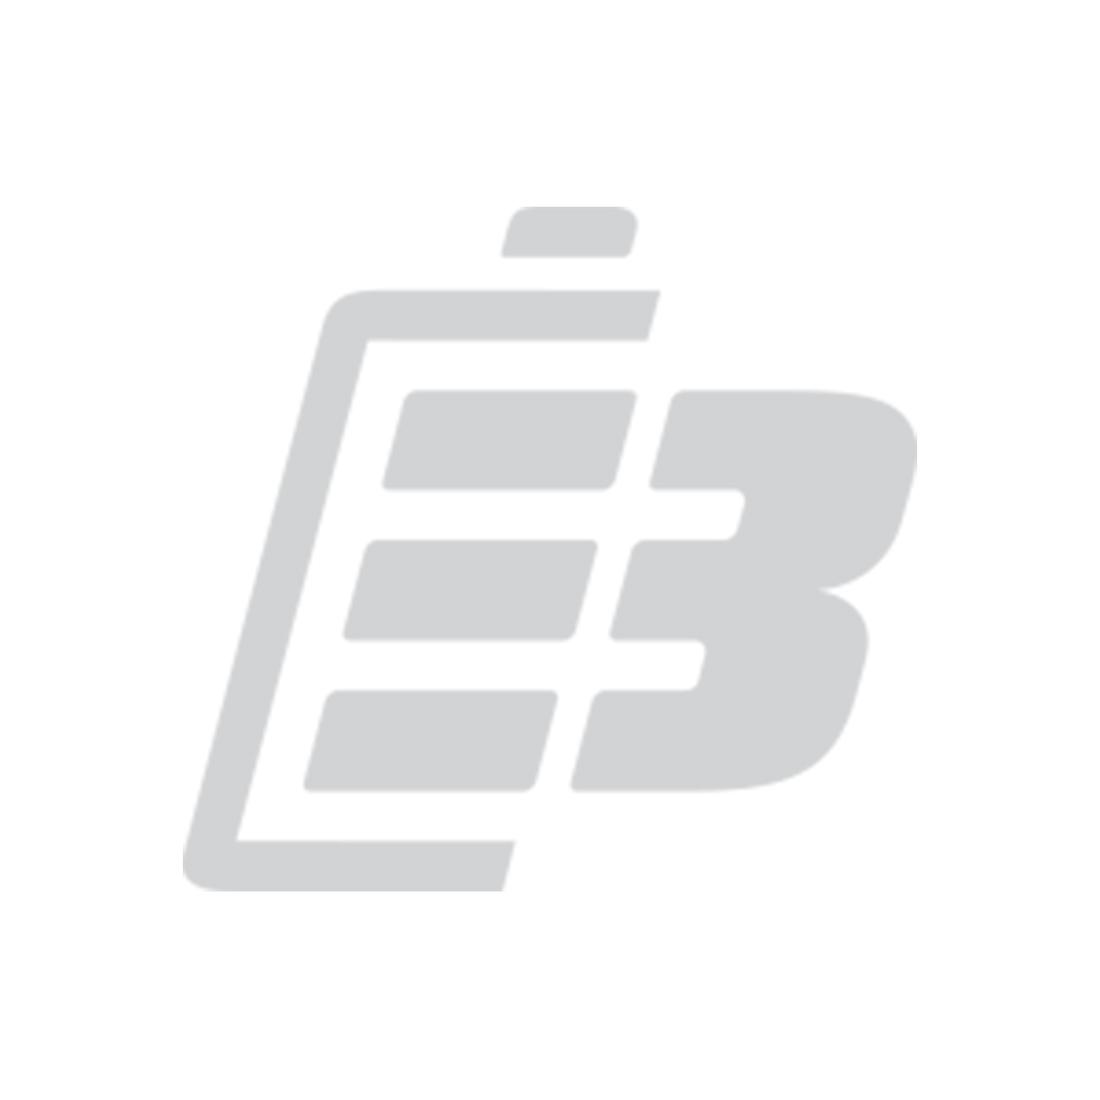 Μπαταρια κονσολας Nintendo DS Lite_1